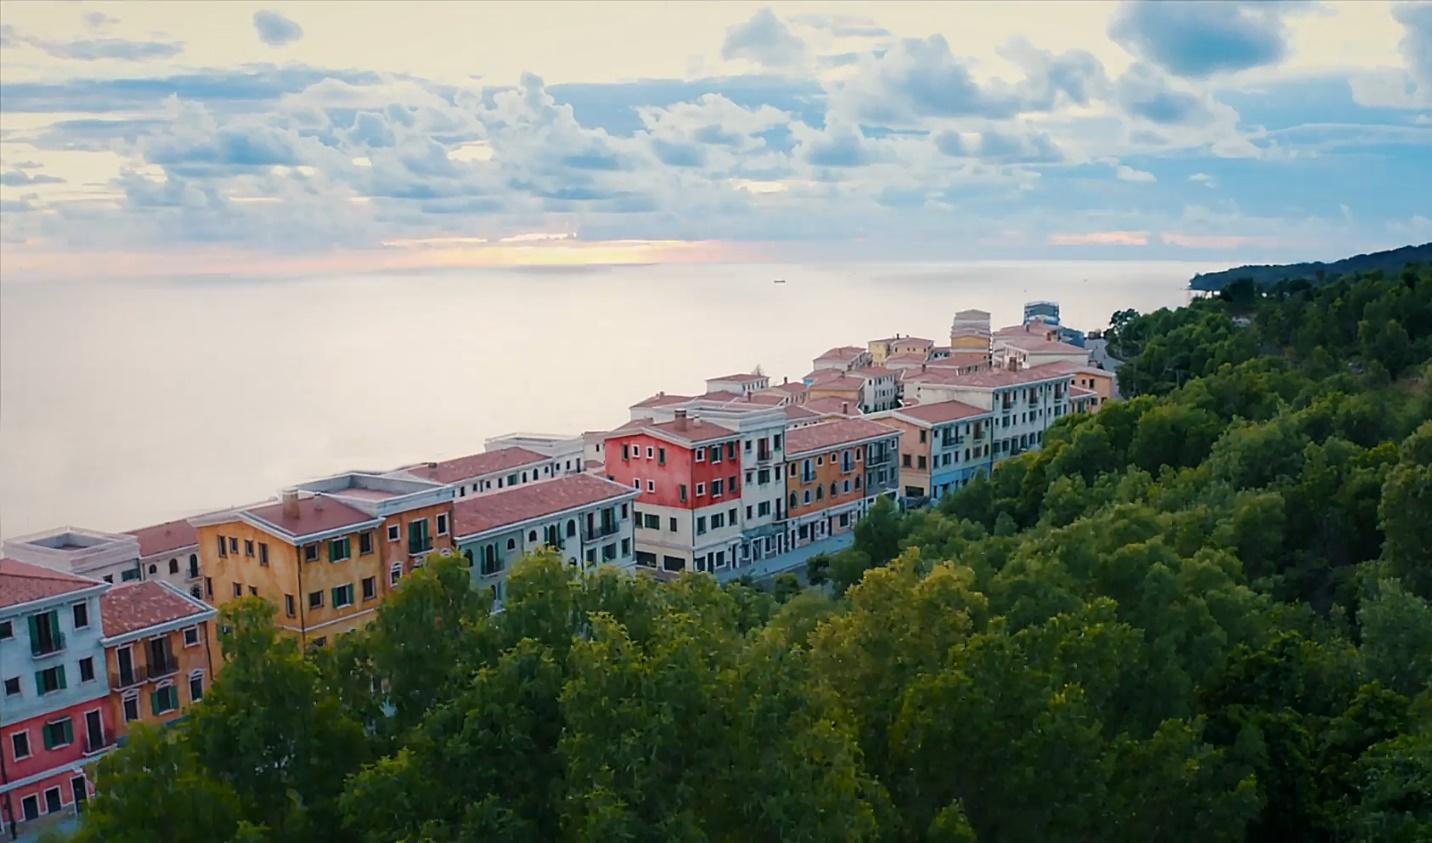 Dự án Sun Premier Village Primavera mang màu sắc Địa Trung Hải đang dần hoàn thiện.